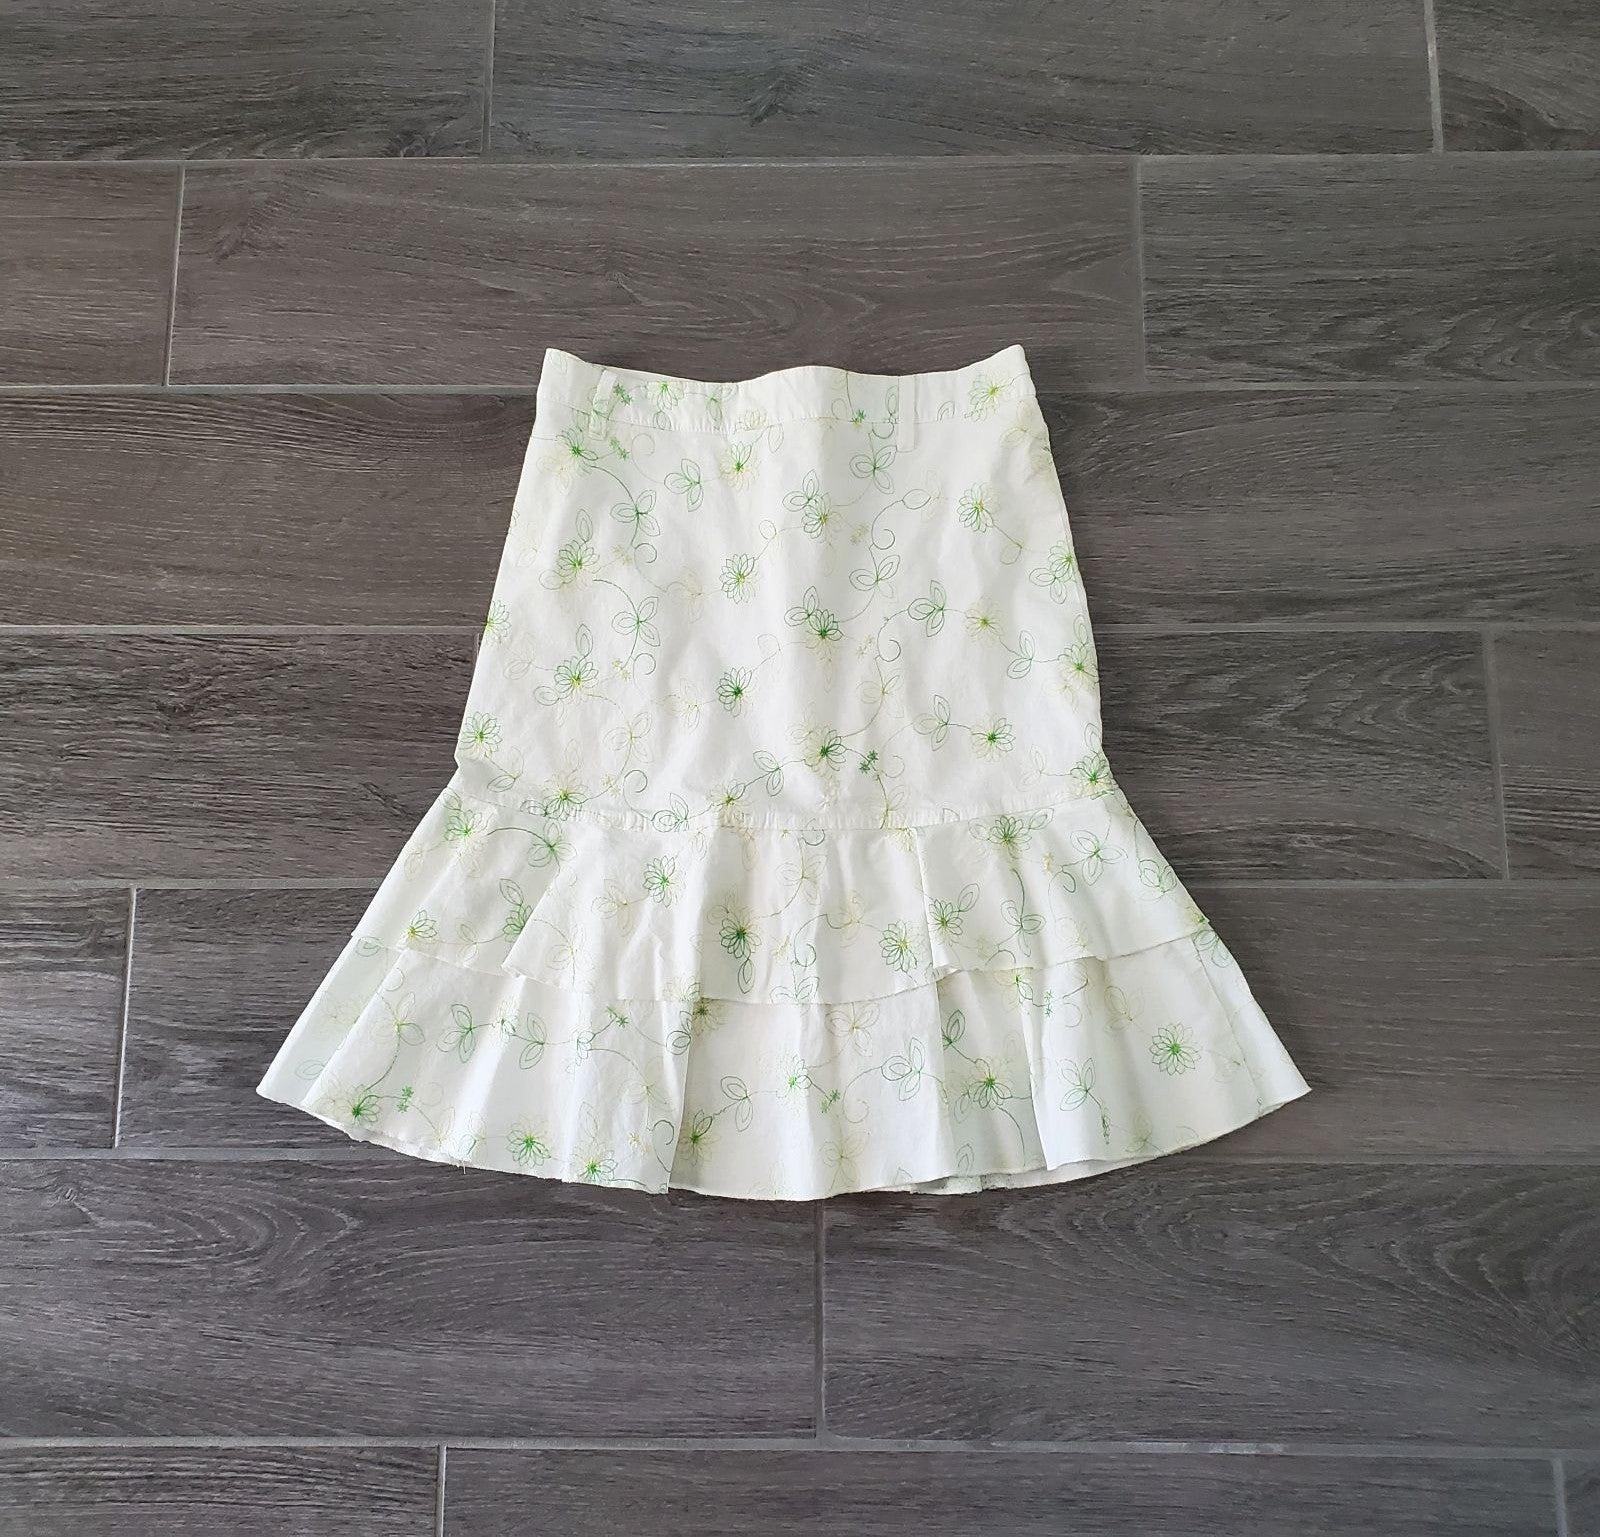 NWOT Y2K Forever 21 White A-Line Skirt